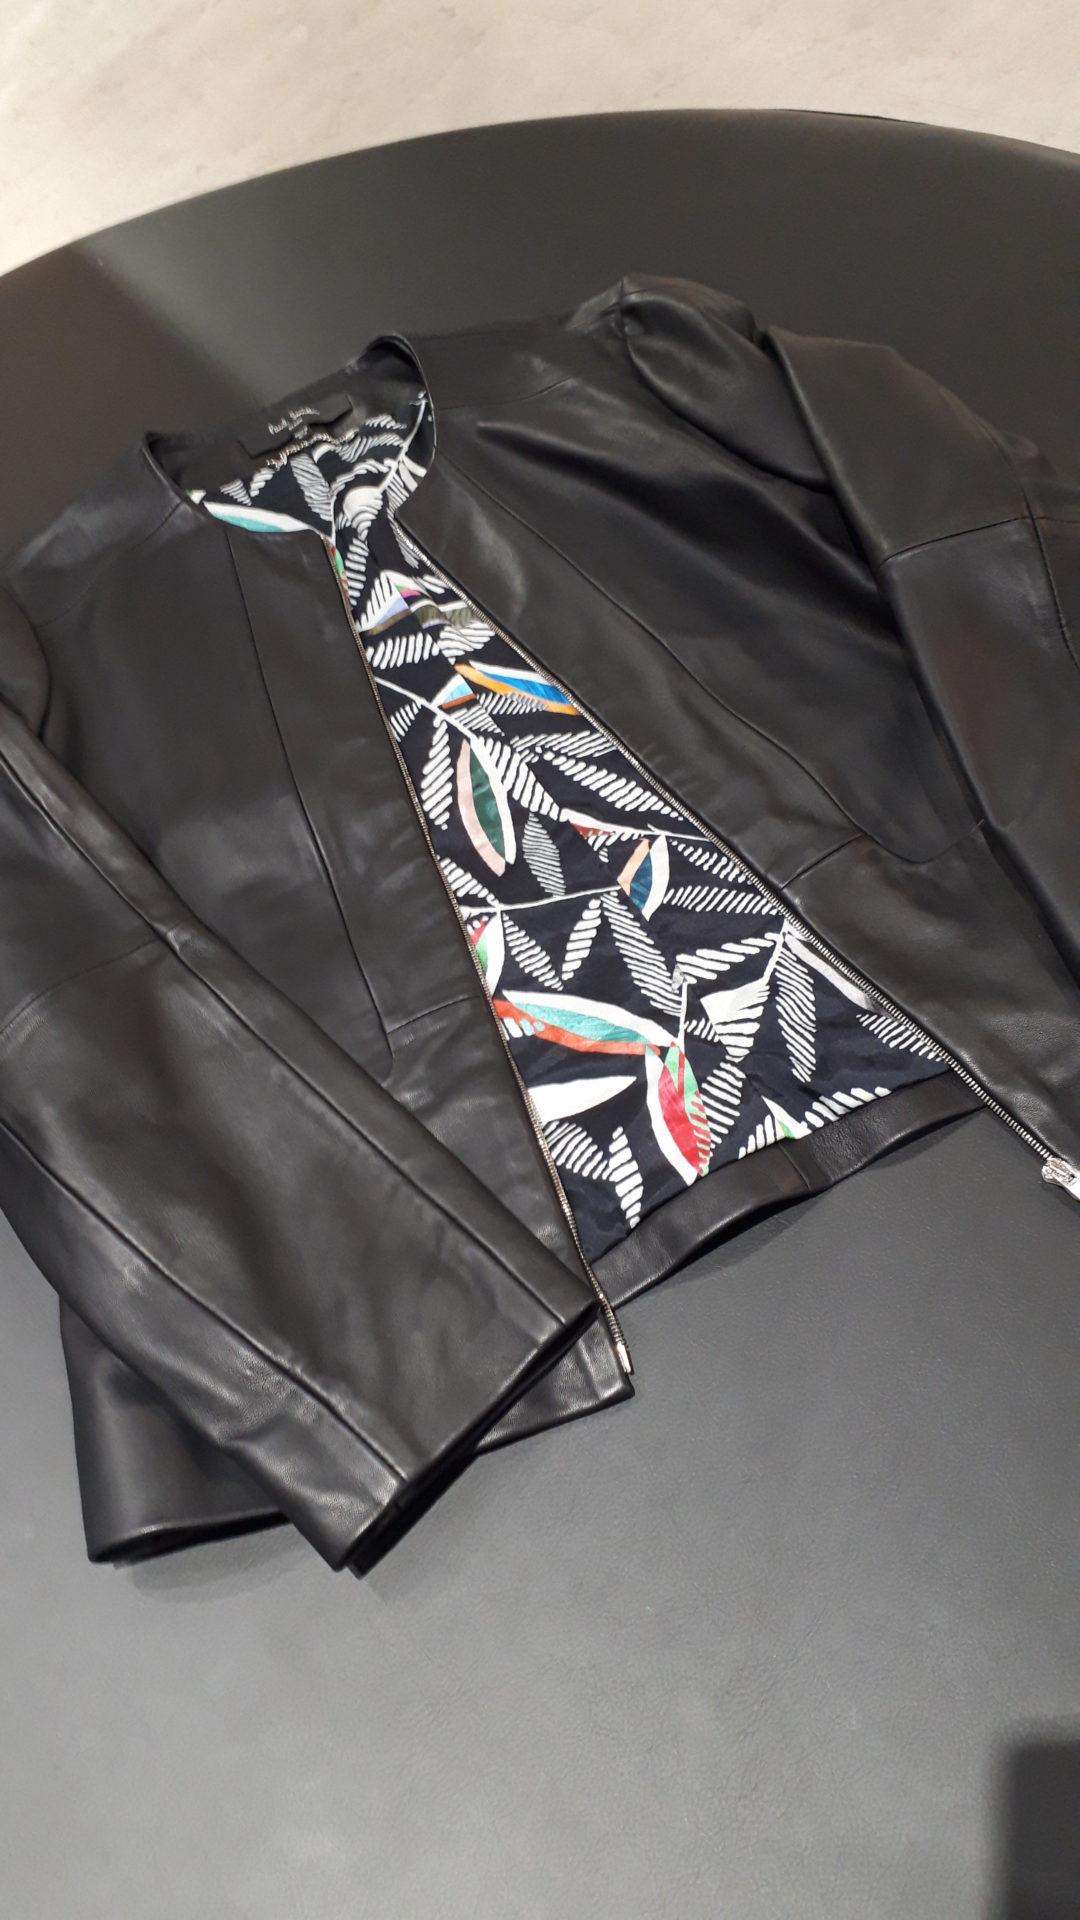 【アパレル 買取 盛岡】ポールスミス ラムレザージャケットを盛岡市のお客様よりお買い取りさせていただきました!